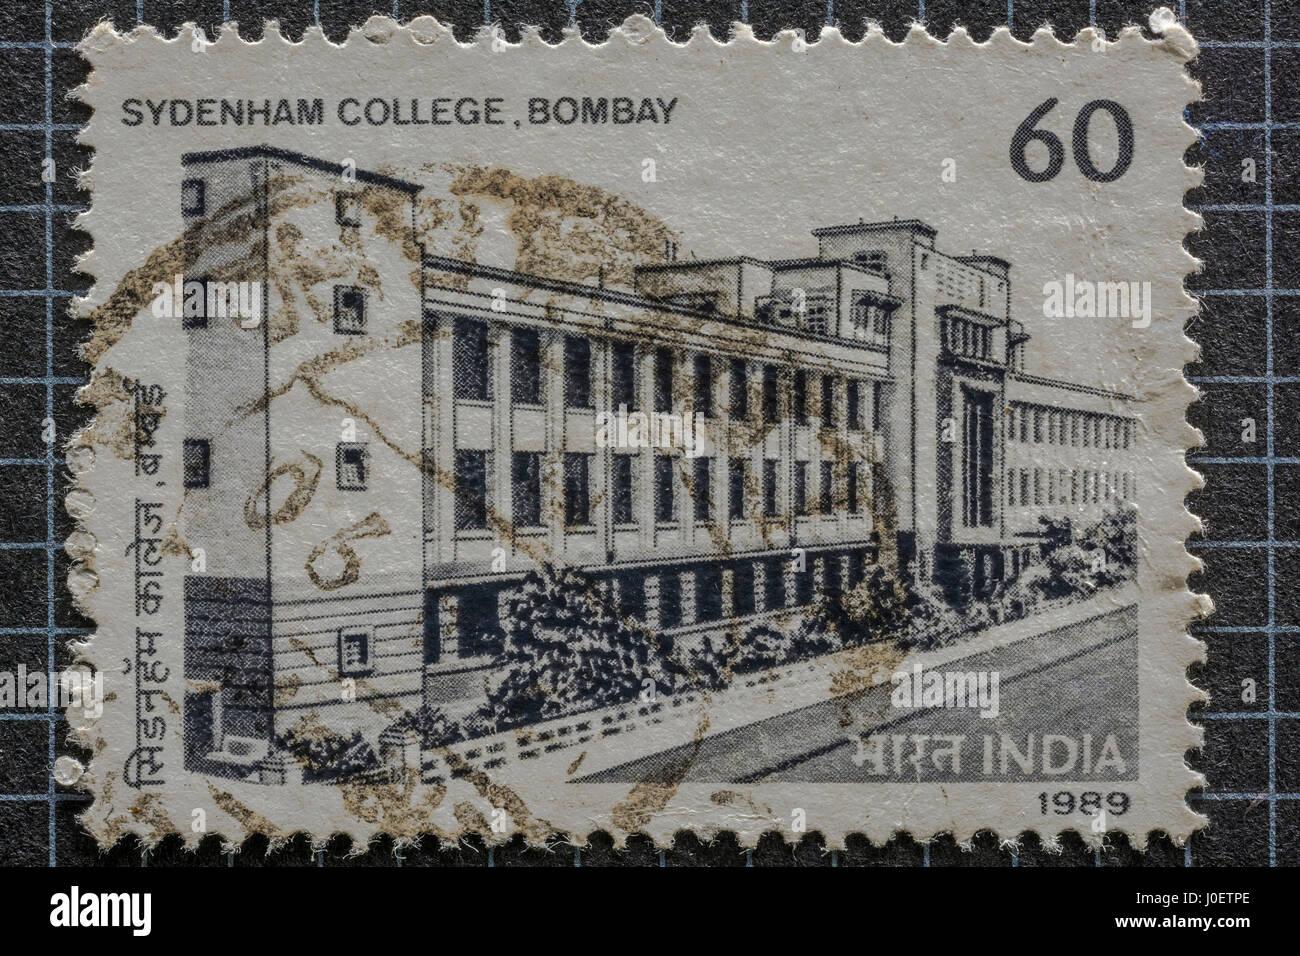 Sydenham college mumbai, postage stamps, india, asia - Stock Image